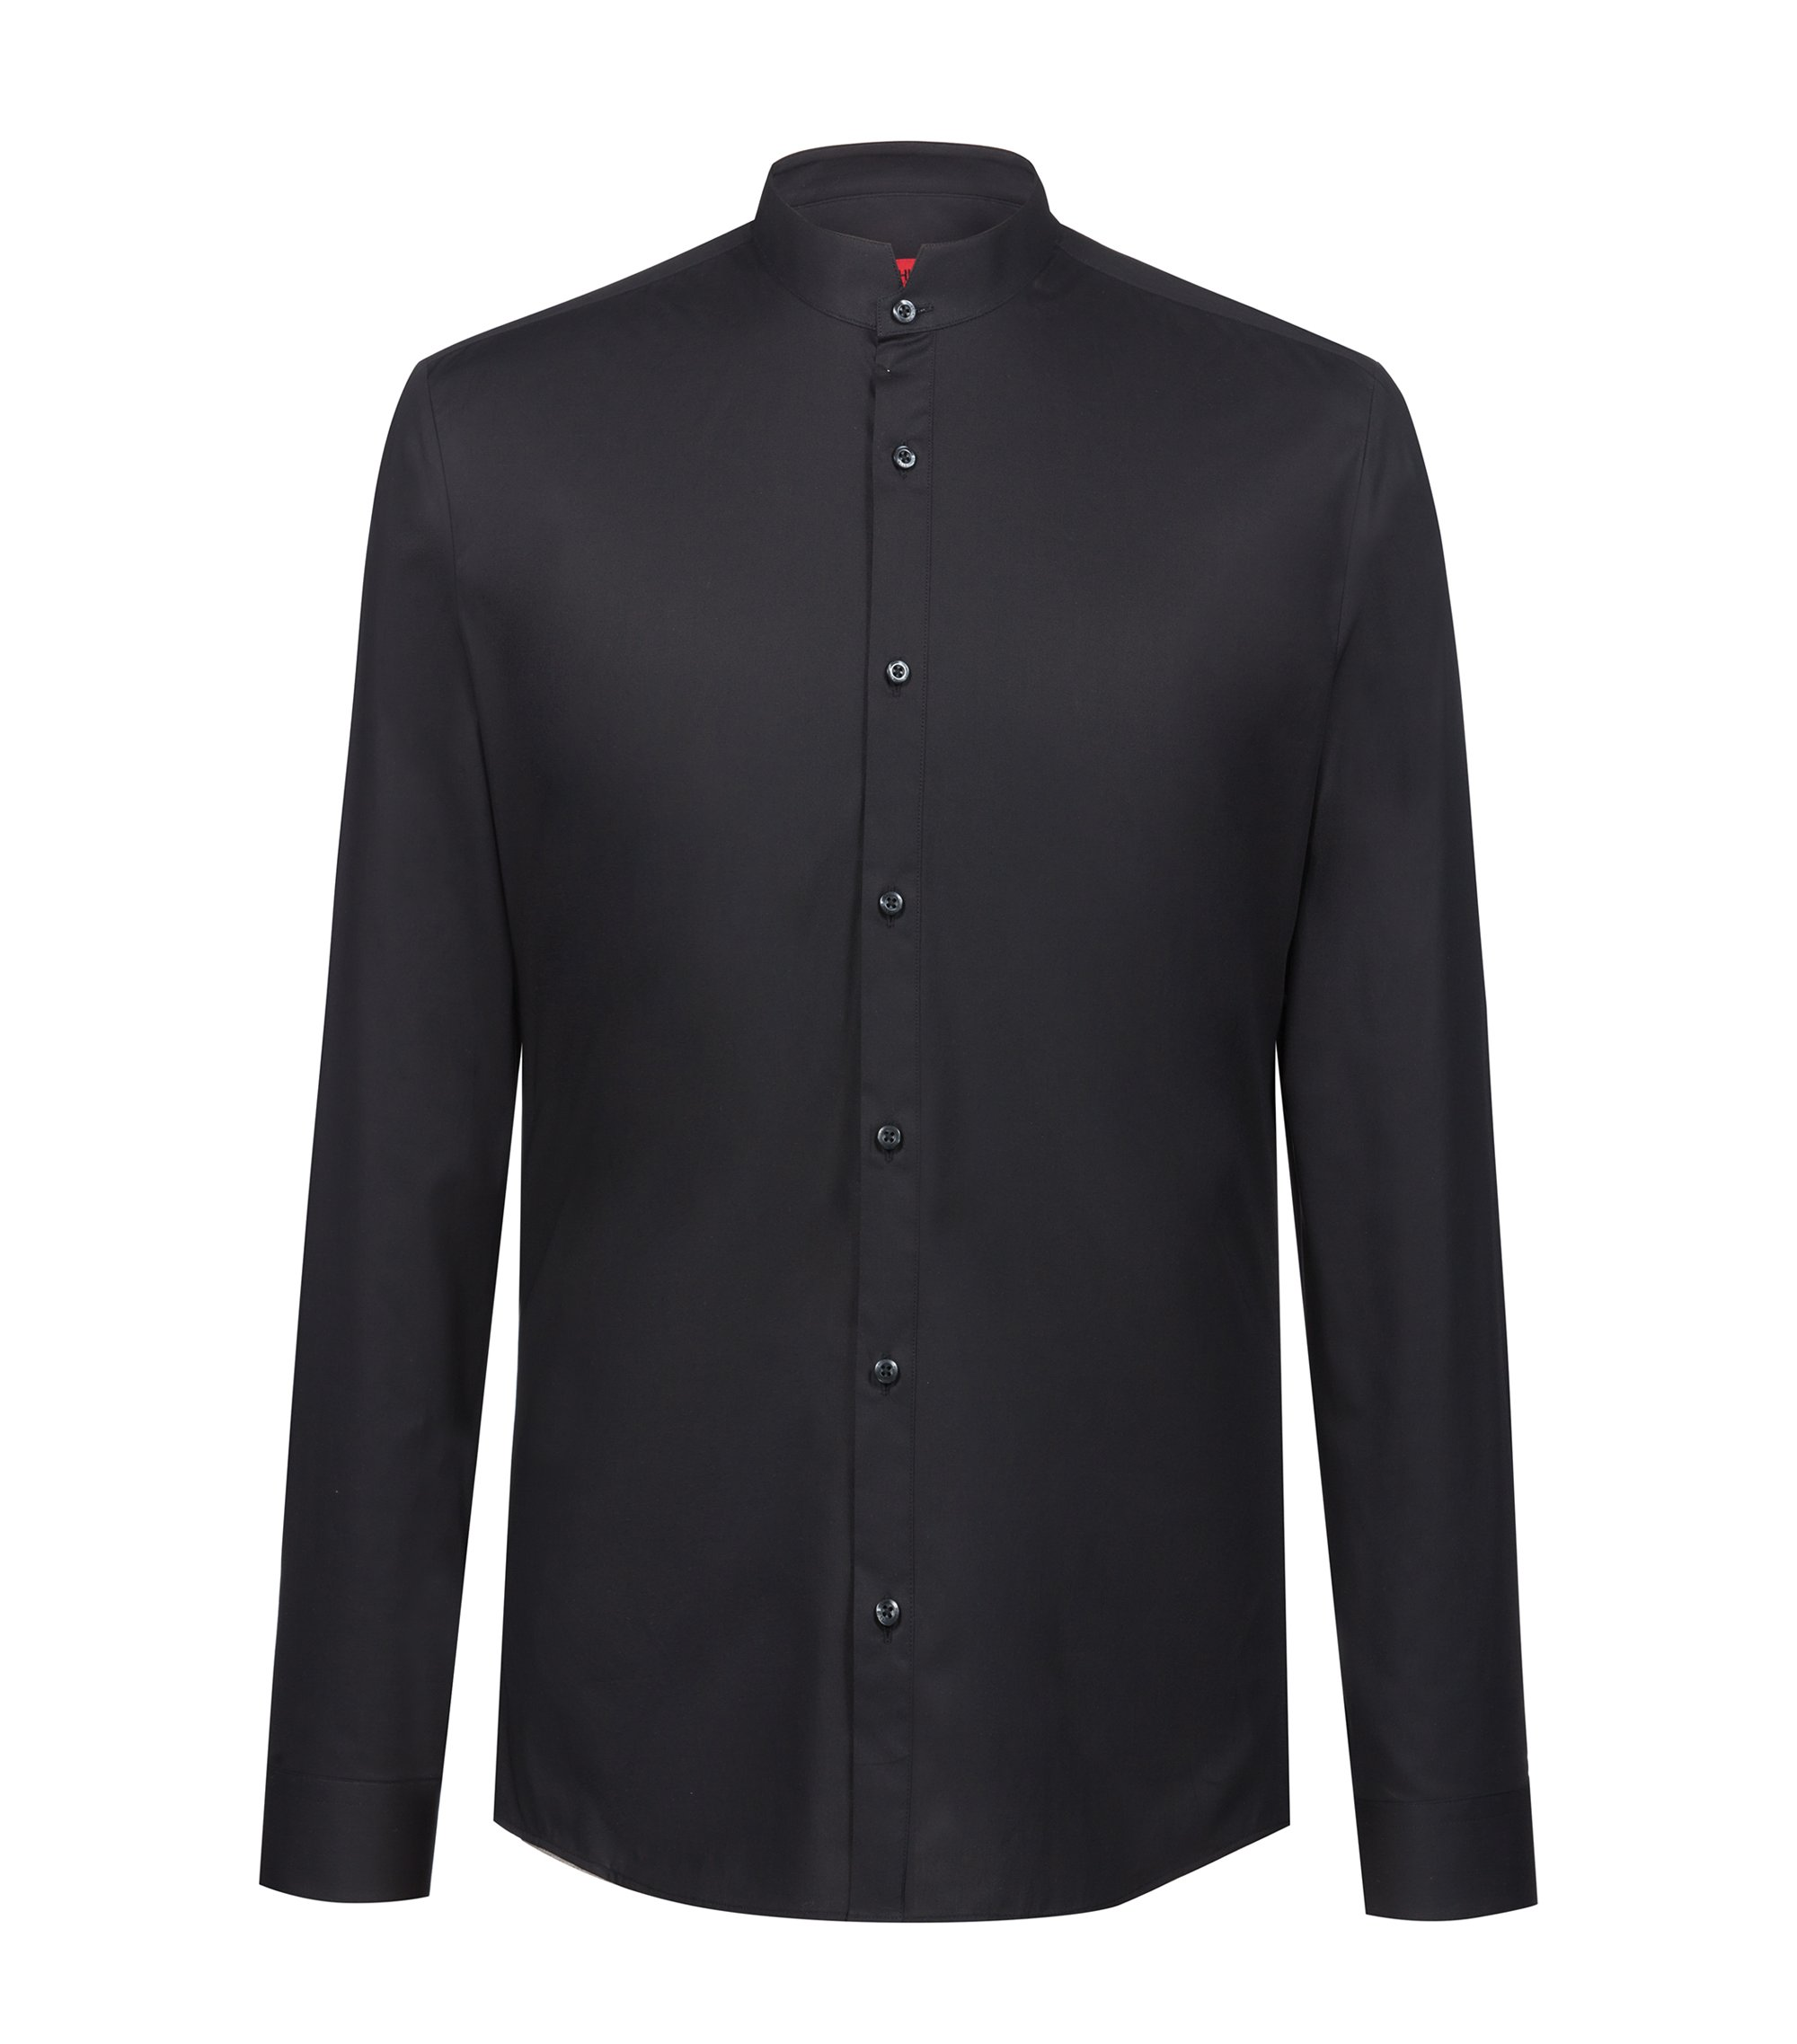 Chemise Extra Slim Fit à col montant en coton stretch, Noir